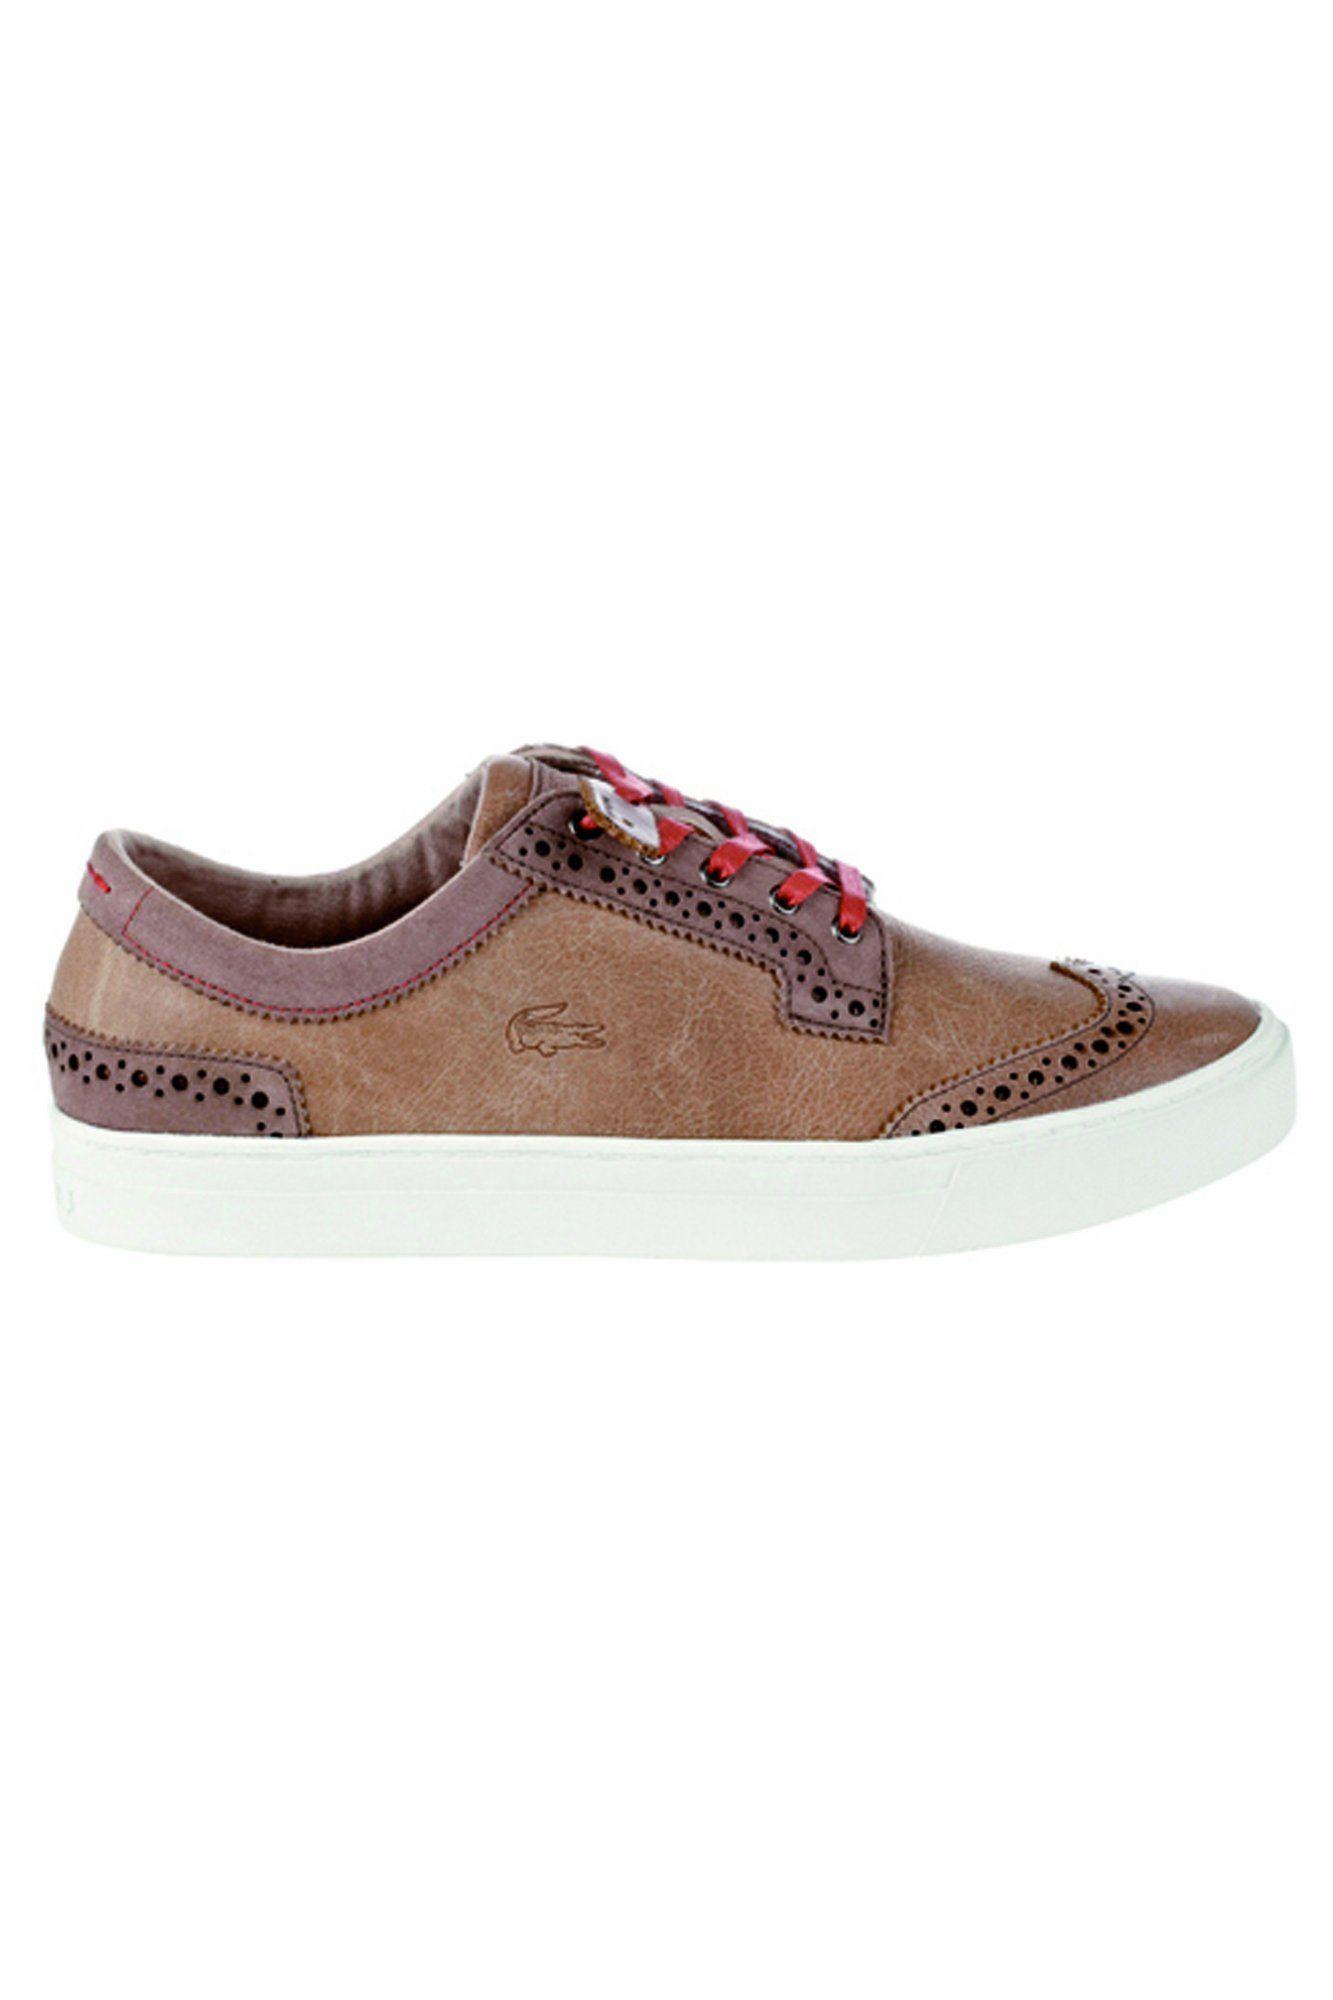 5d3a5d81928 Lacoste Men's Senet Ap : Men | 4 hubby | Lacoste men, Shoes y Lacoste